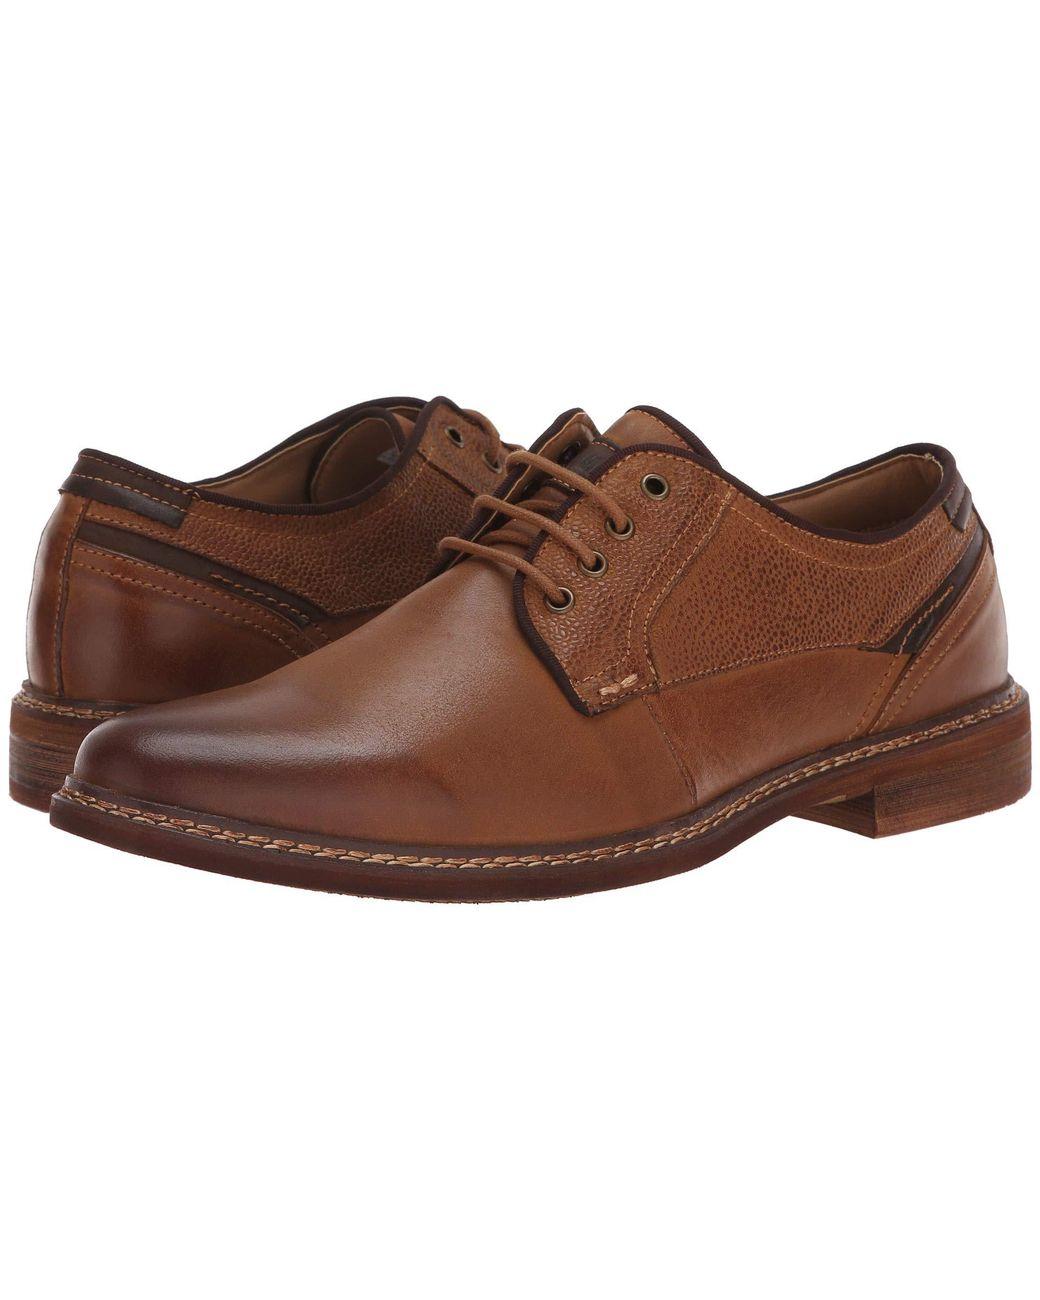 dc92abfaa6e Lyst - Steve Madden Tynker (black) Men's Shoes in Brown for Men